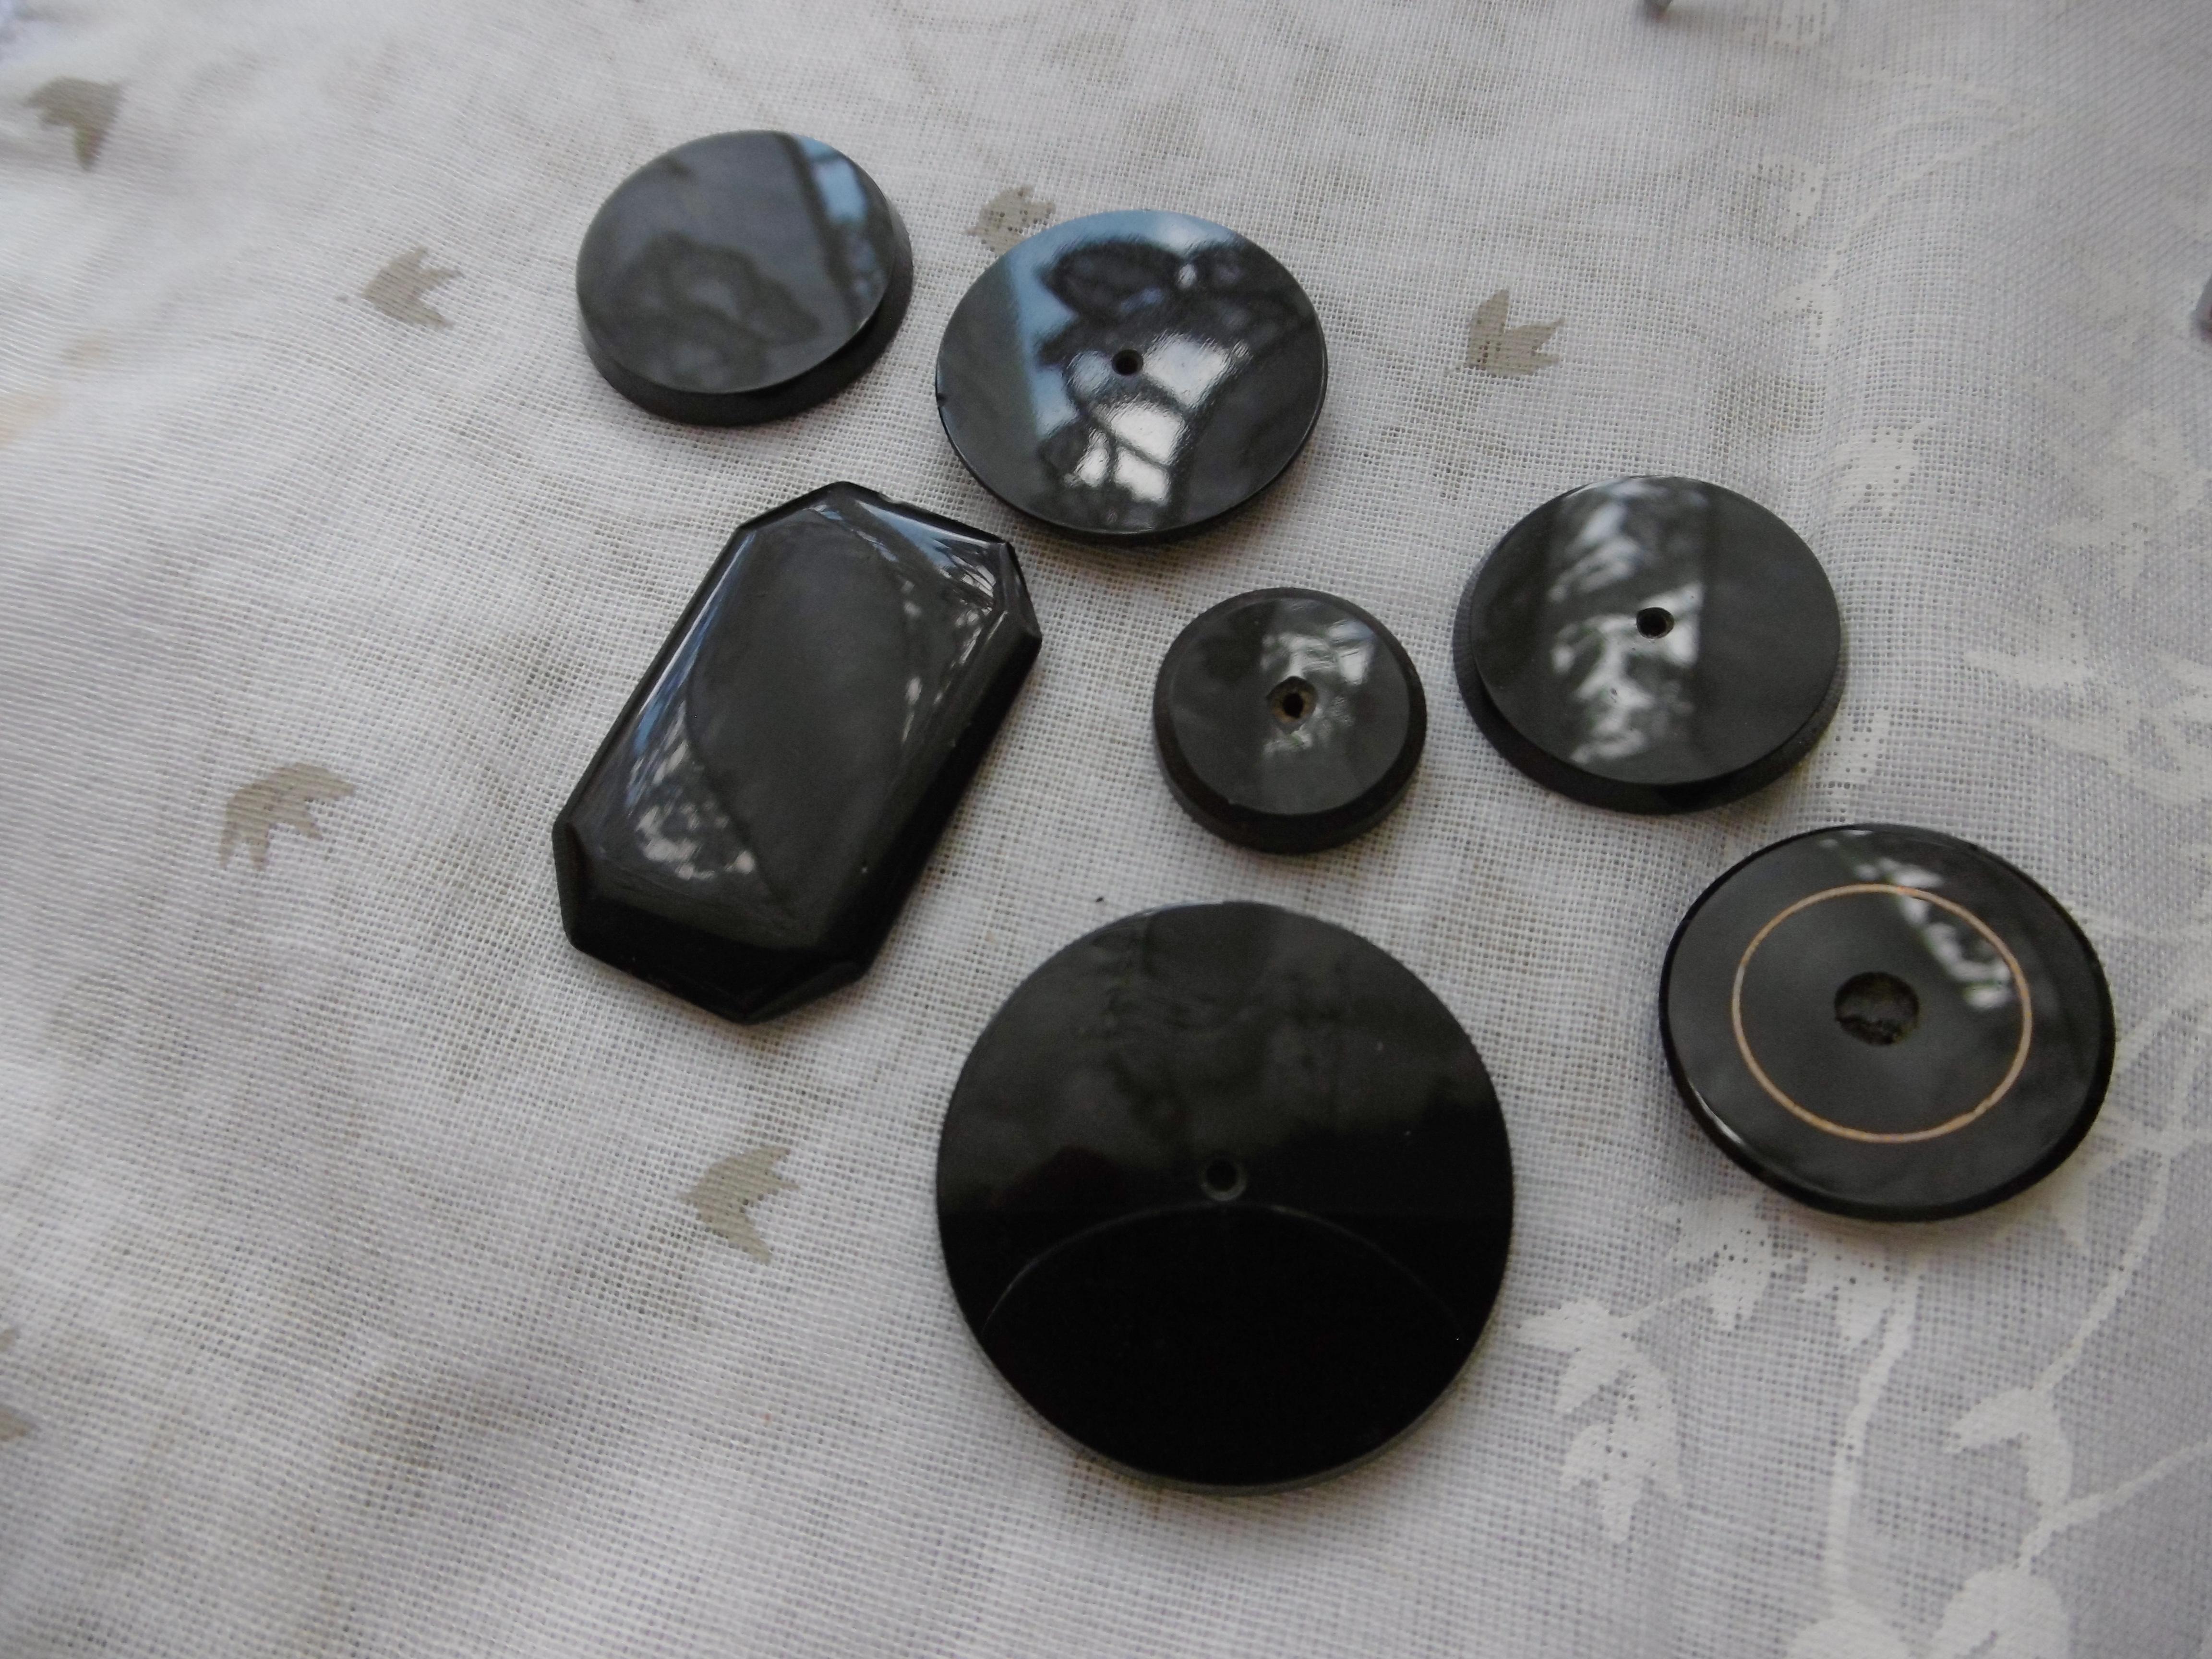 troc de troc pierres pour loisirs creatifs image 2